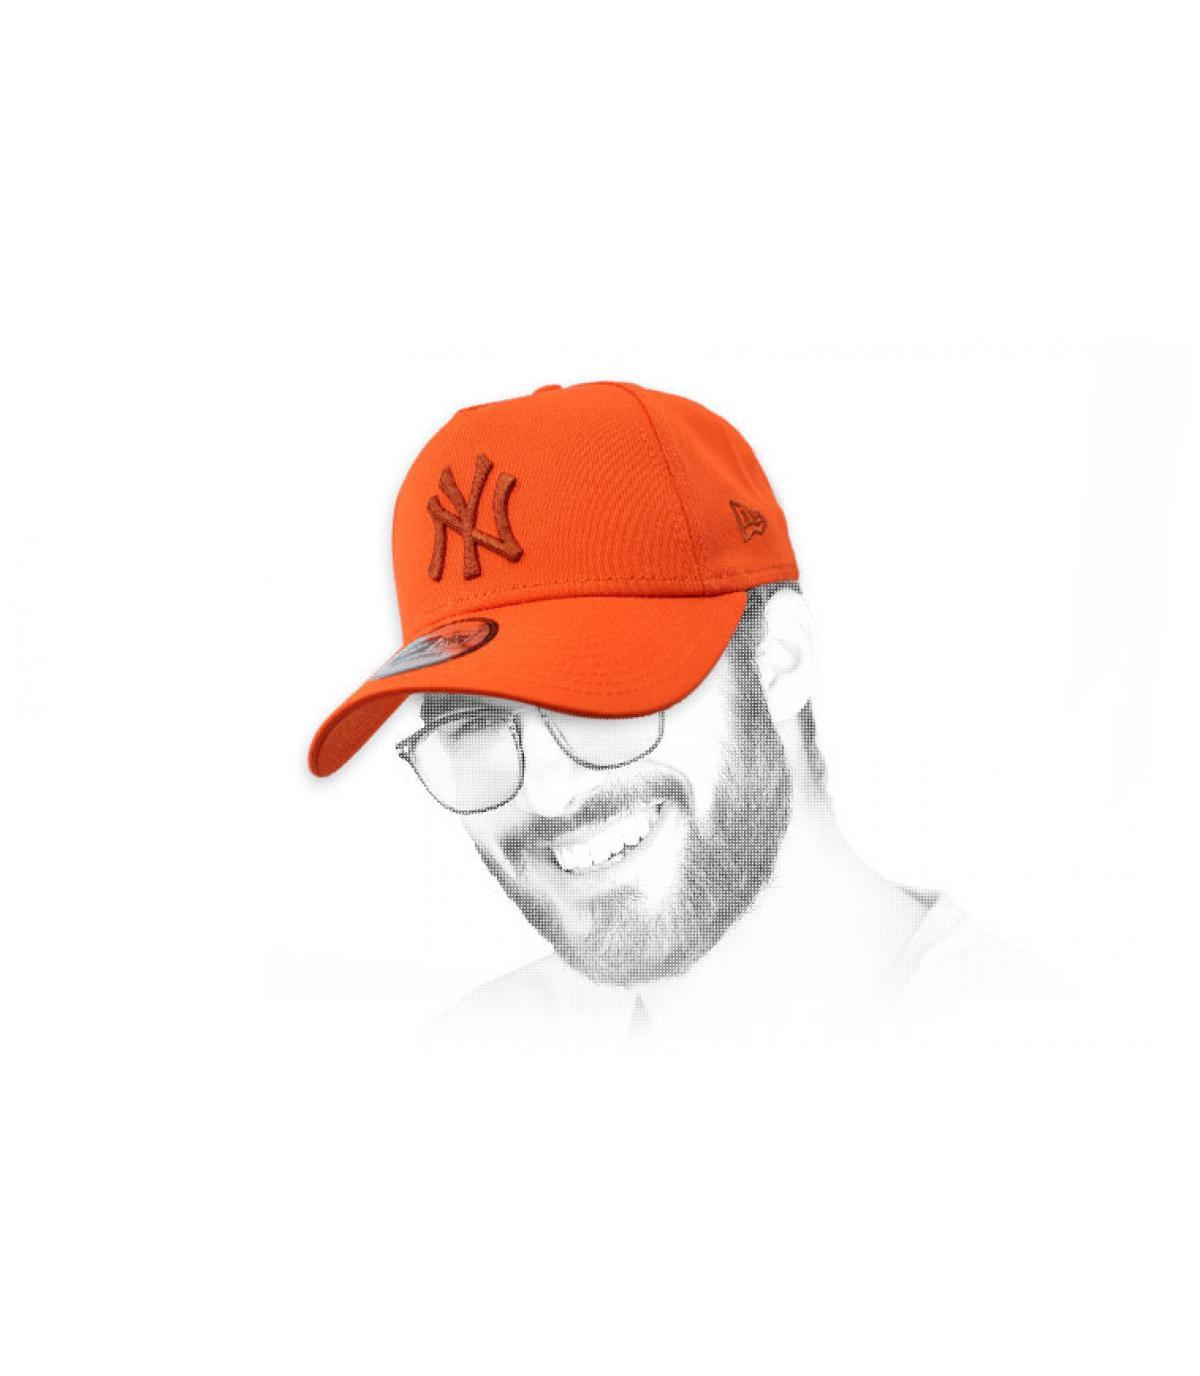 gorra NY naranja Aframe